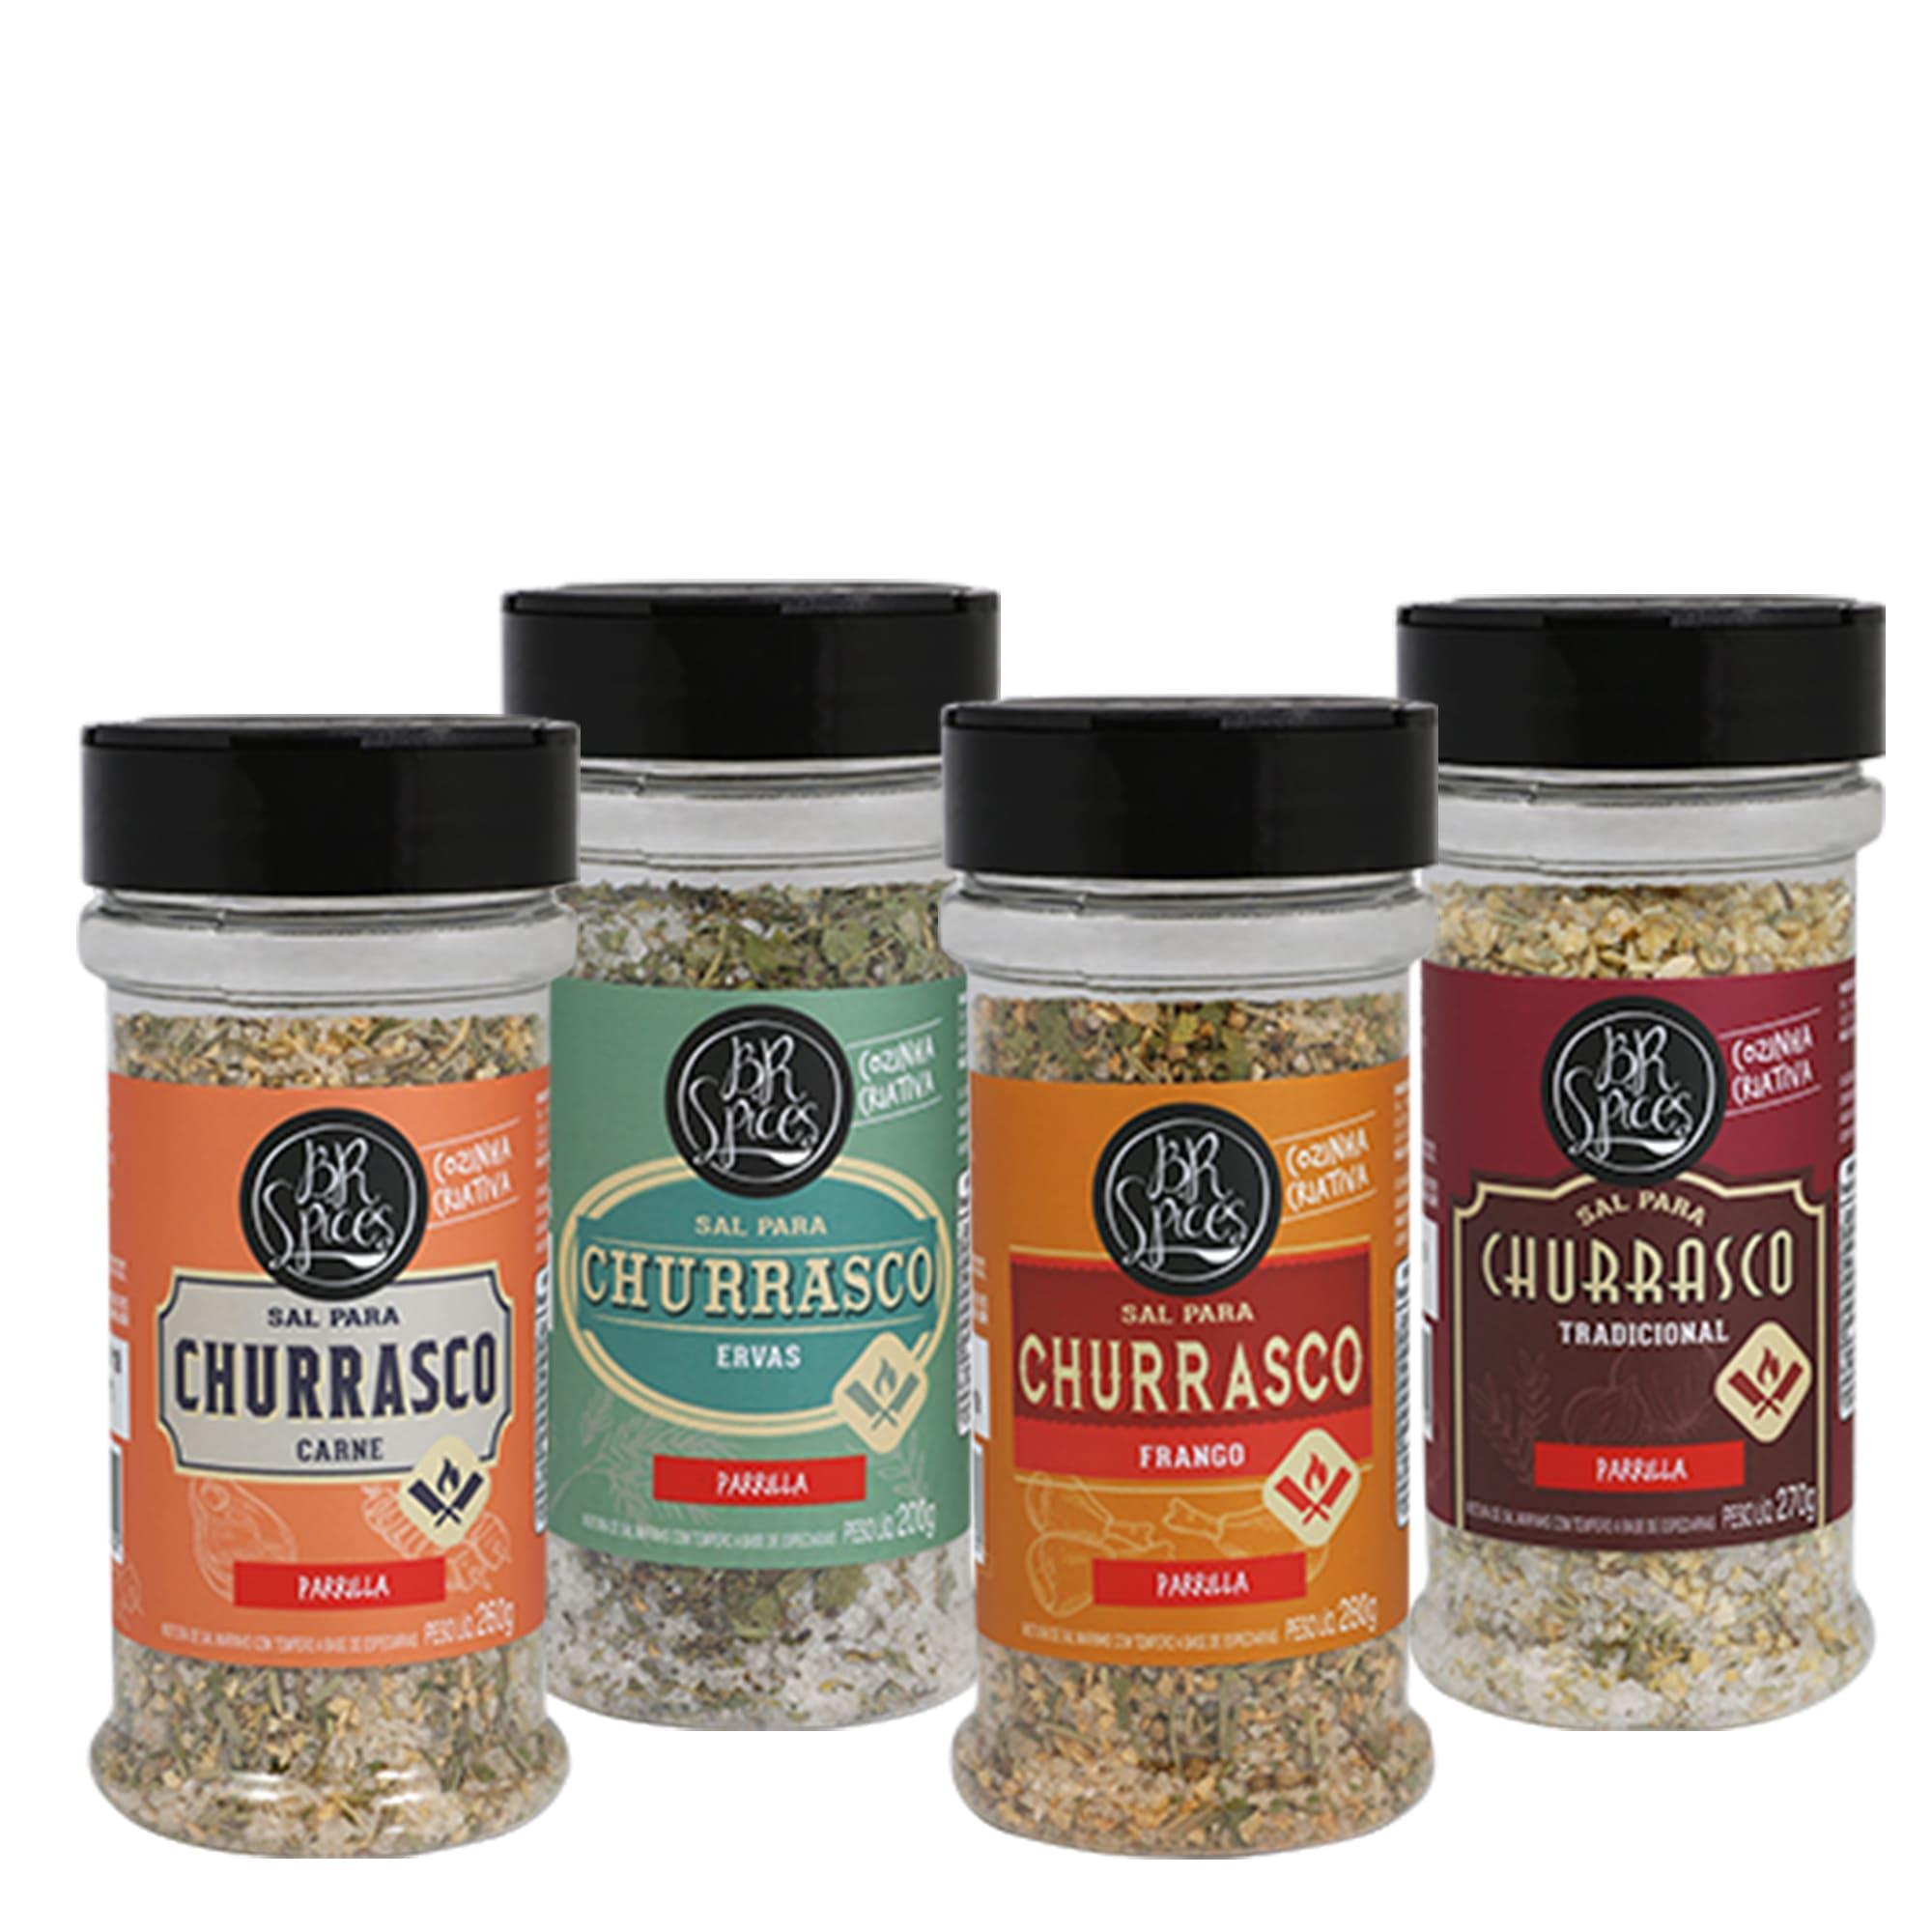 Tempero BR Spices Churrasco